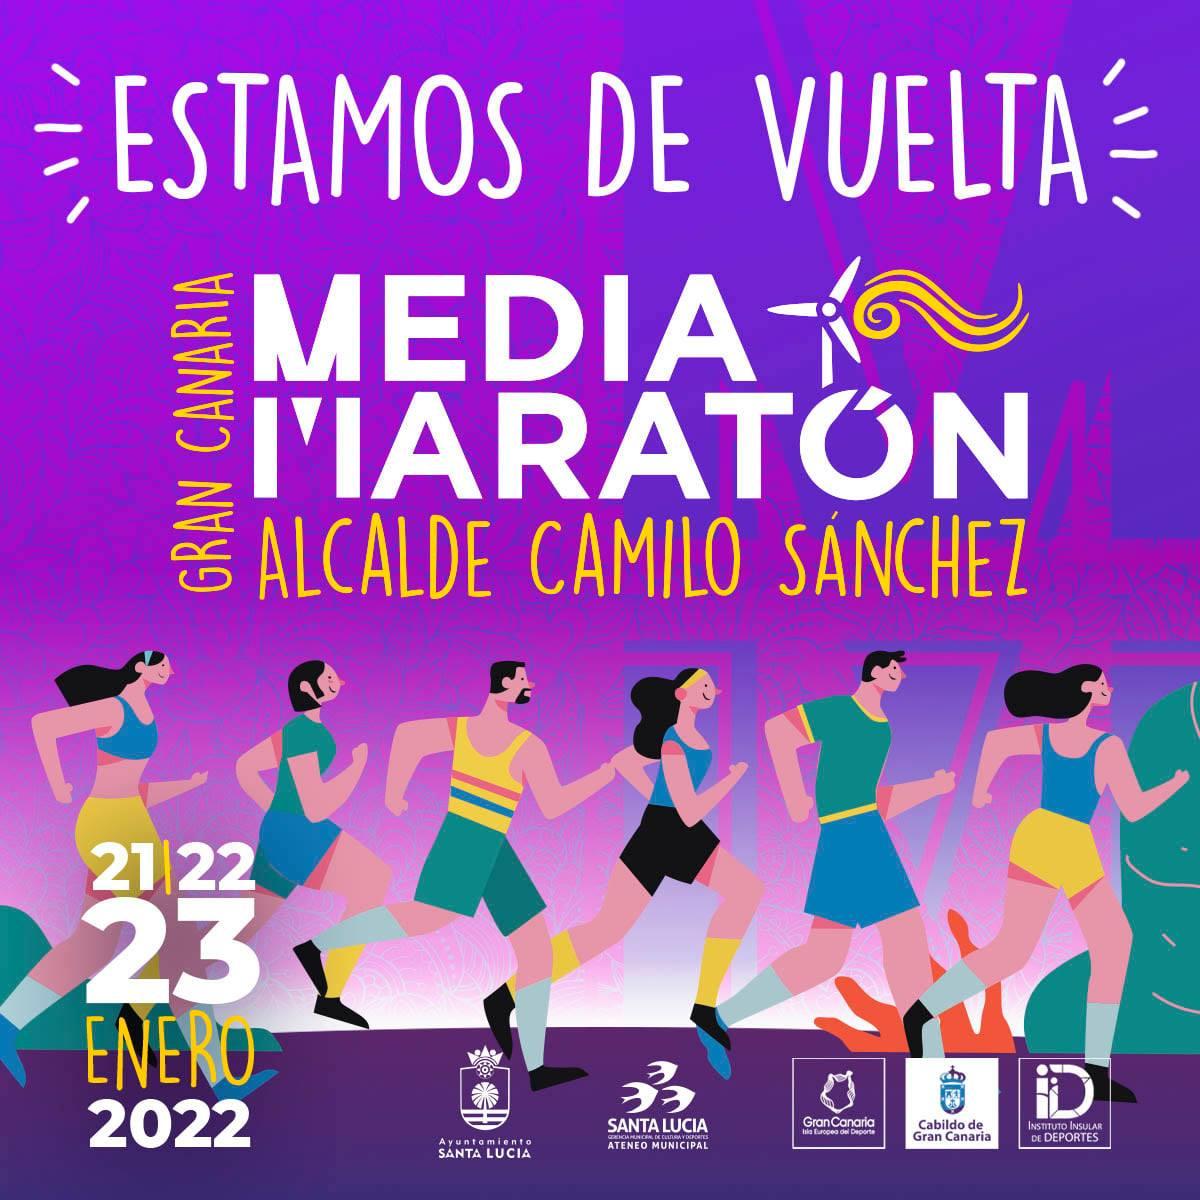 Cartel oficial de la Gran Canaria Media Maratón 2022 Alcalde Camilo Sánchez